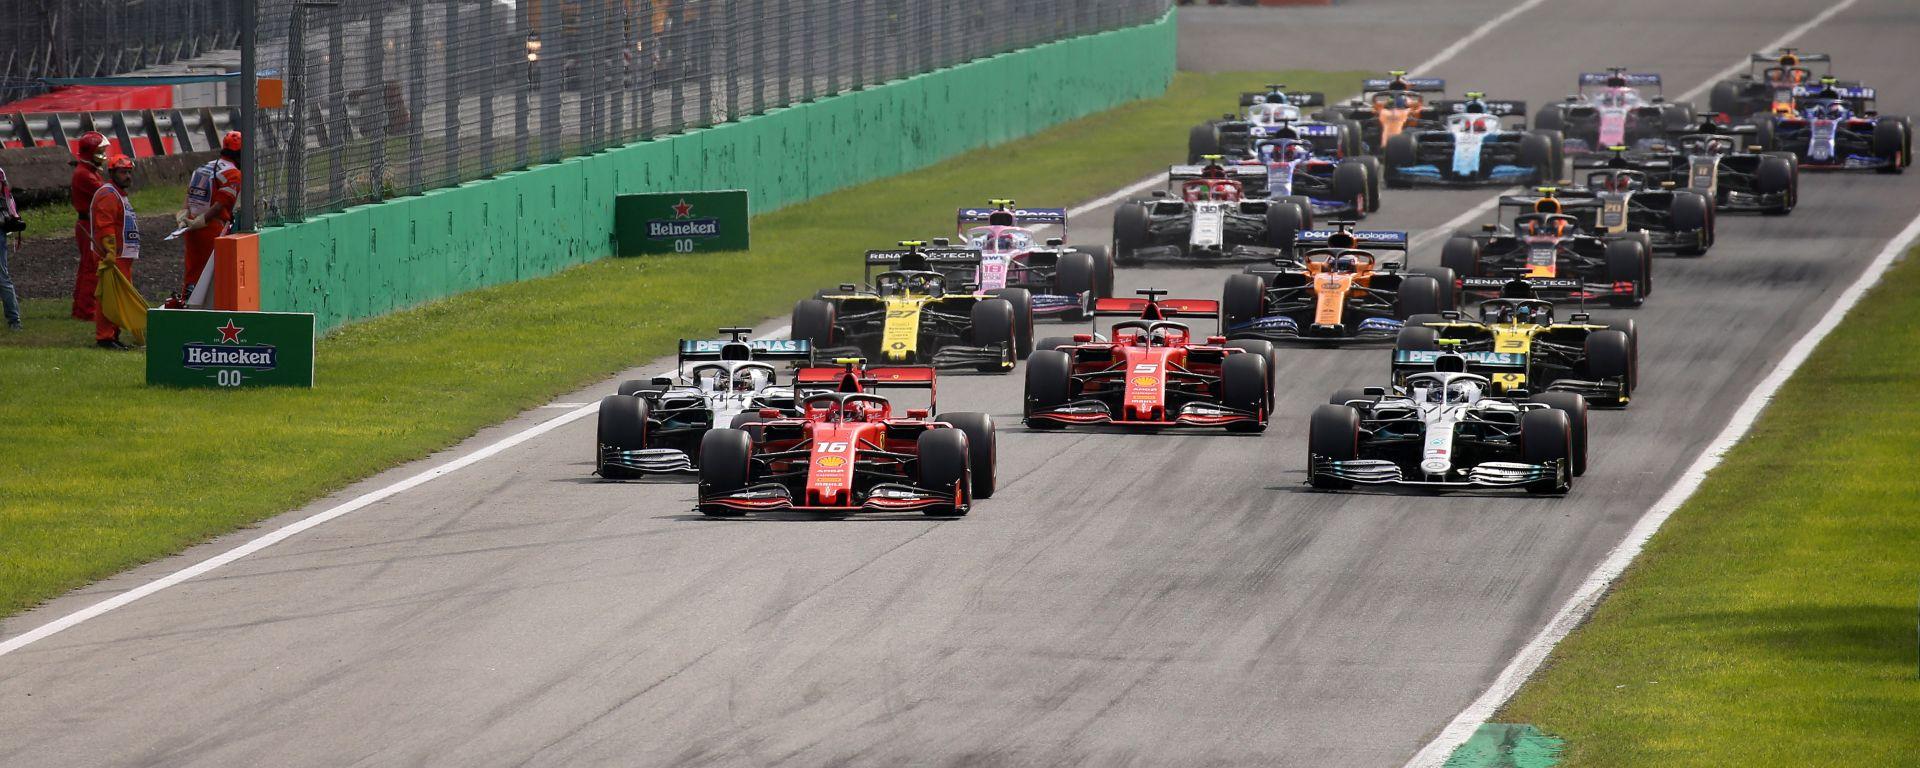 F1 GP Italia 2019, Monza, la partenza